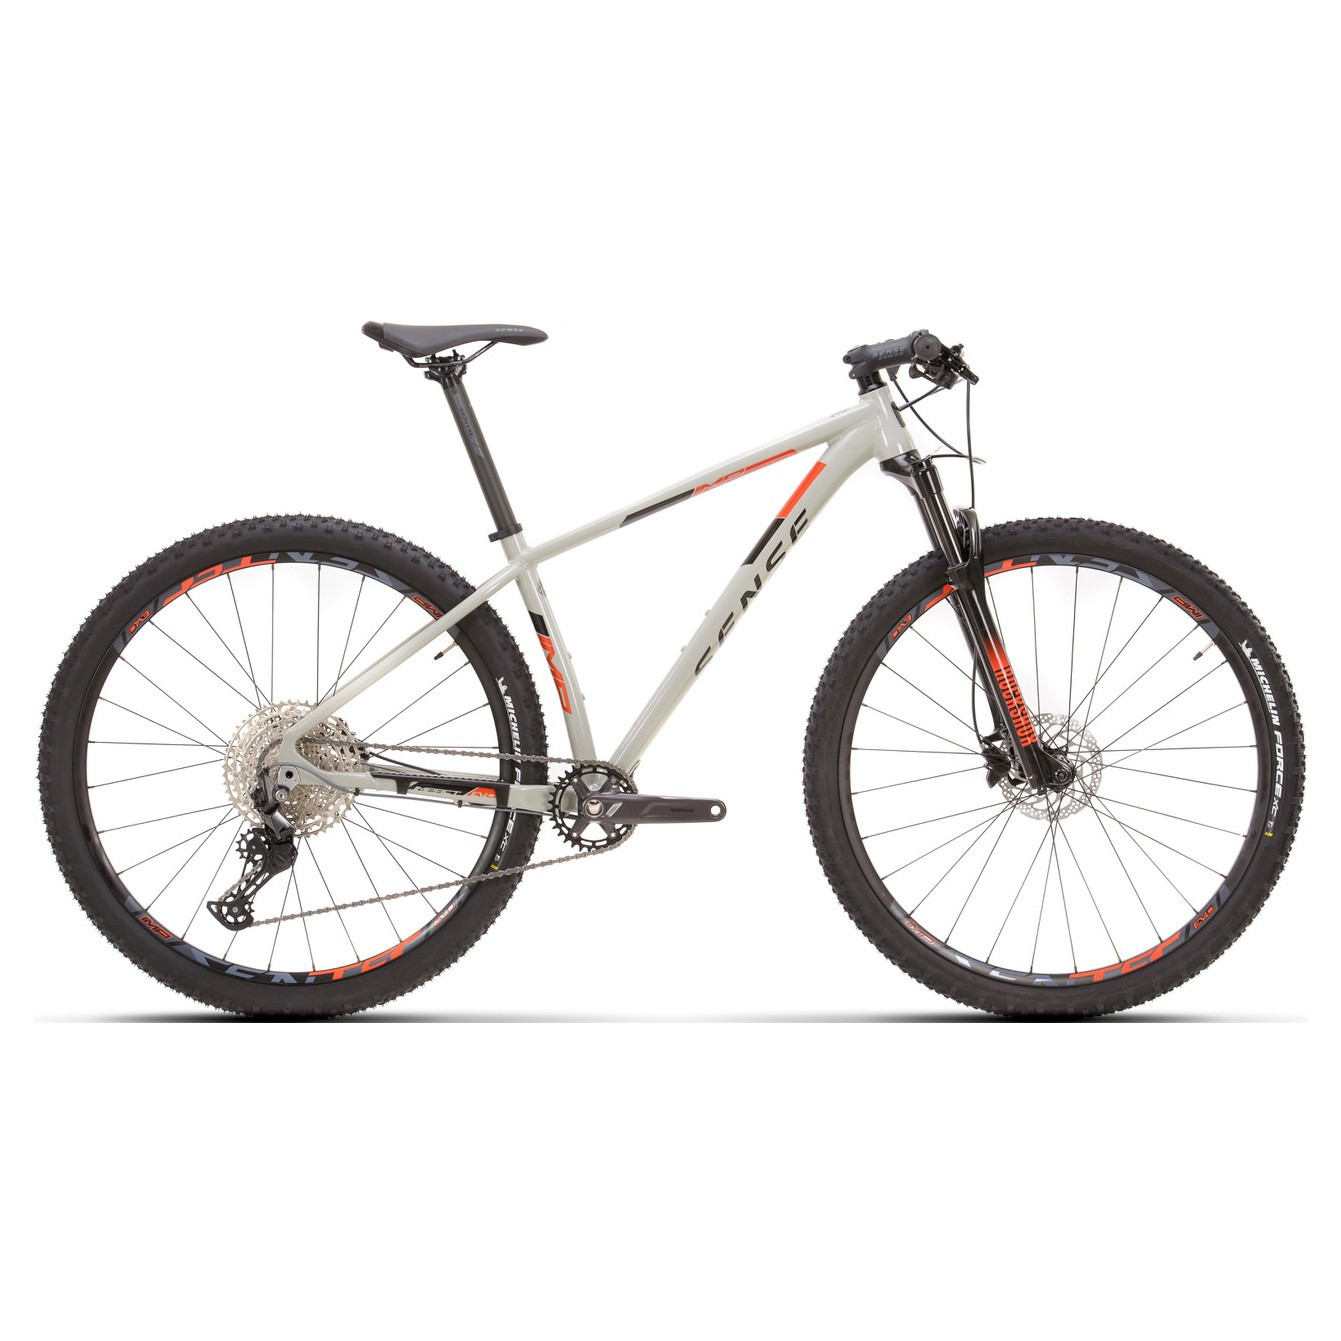 Bicicleta MTB Sense Impact Evo 12v 2021/2022